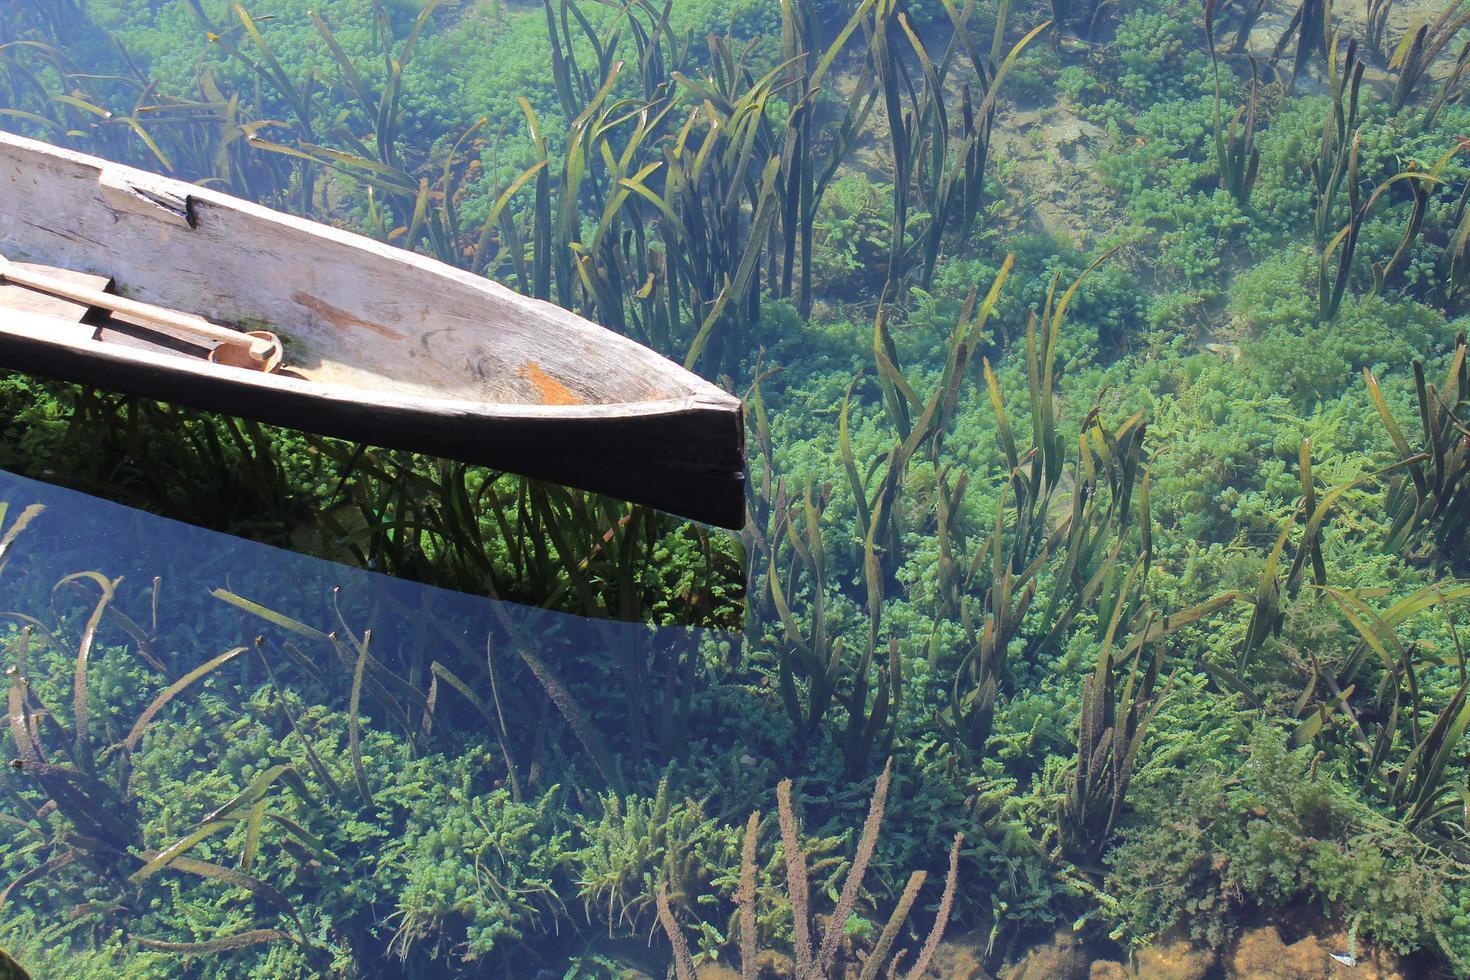 Holzkanu auf Gewässer foto